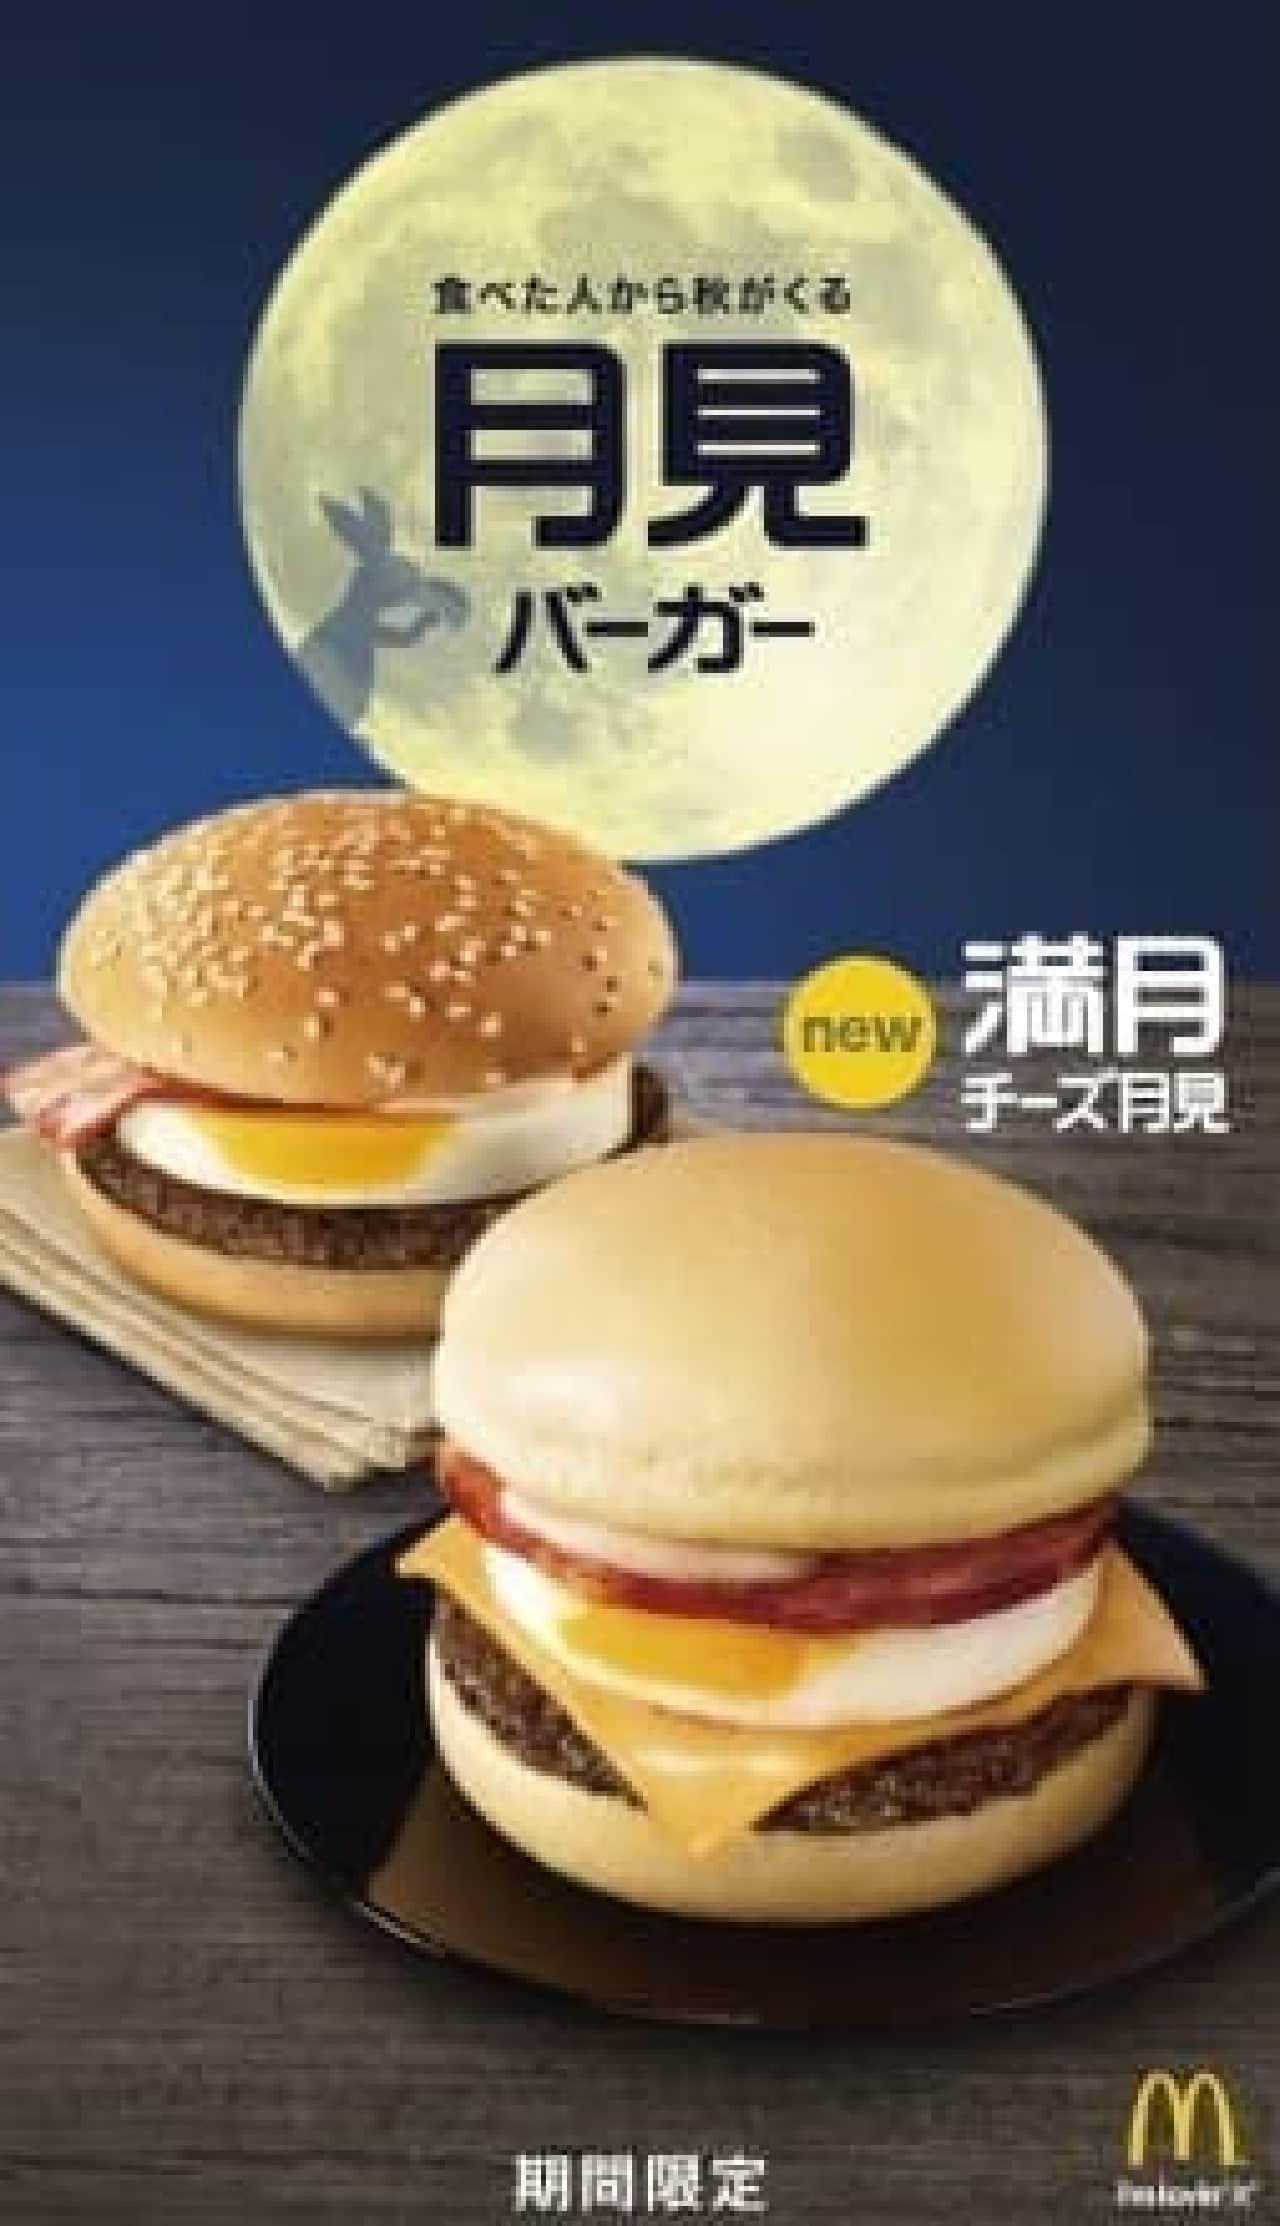 マクドナルド「月見バーガー」イメージポスター